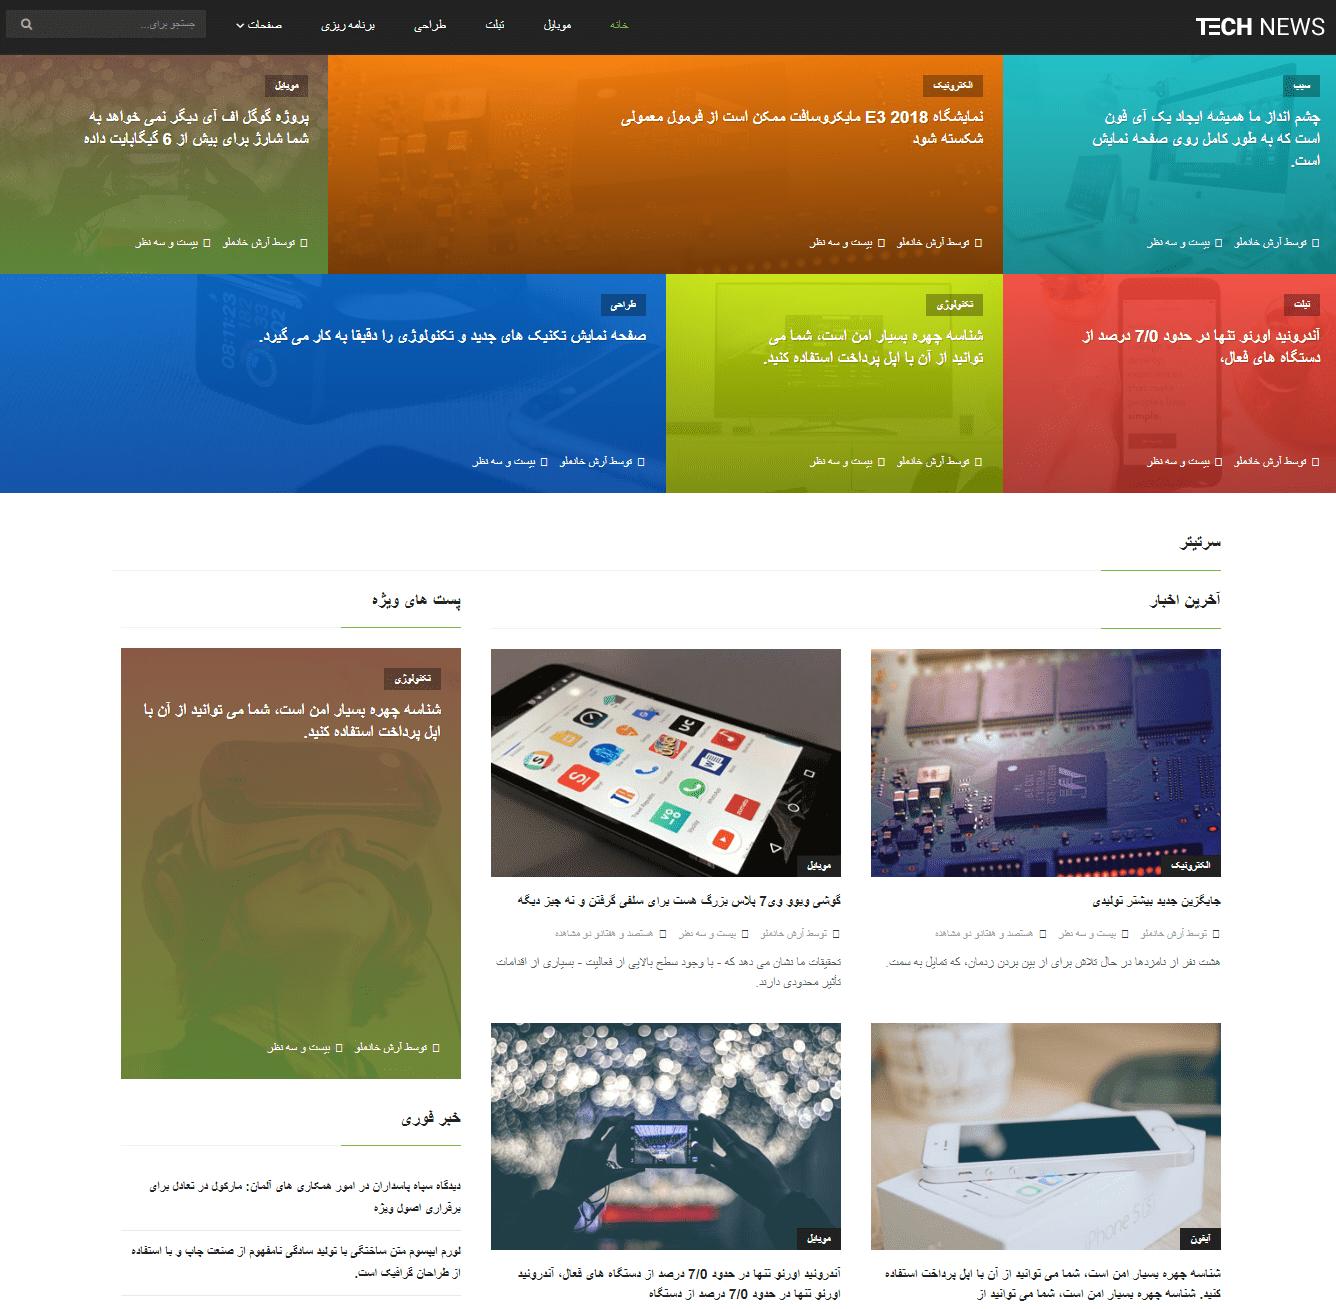 قالب HTML ماینبرمگ پوسته زیبای خبری | قالب خبریminberimag حرفه ای و فارسی شده